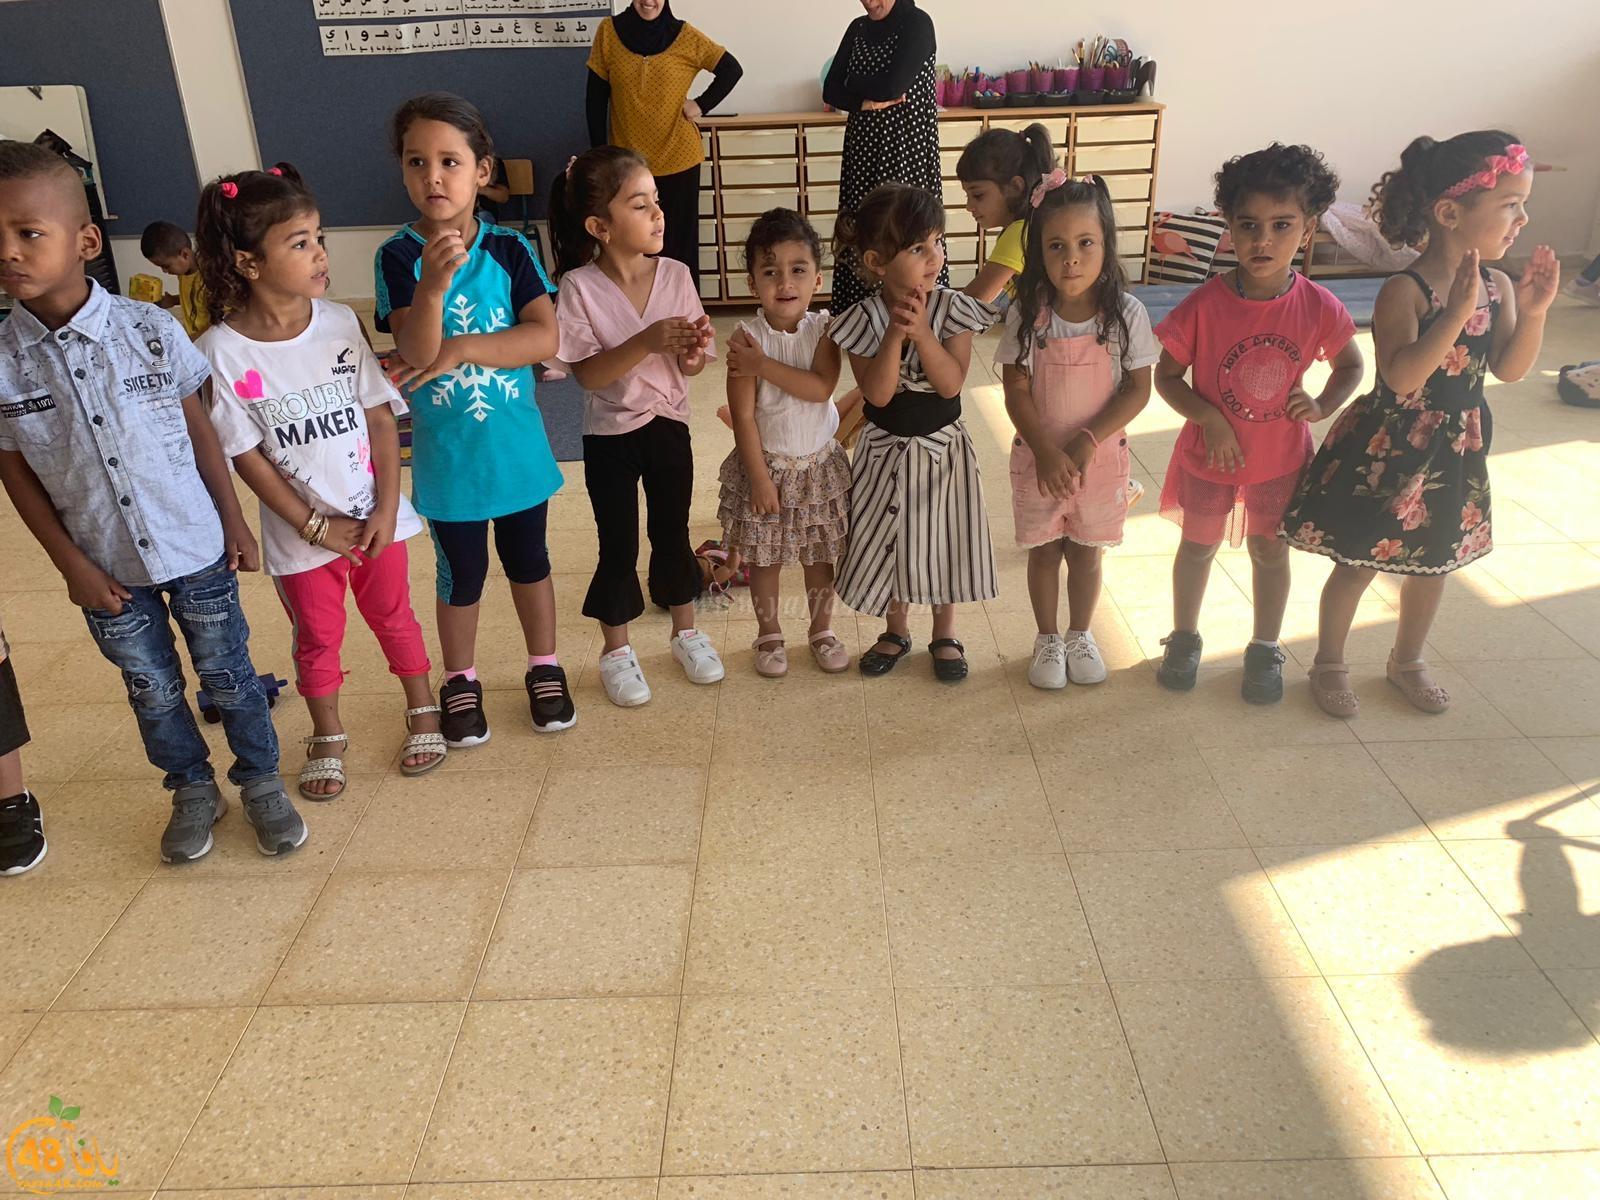 بالصور: اول الأيام التعليمية في روضة النور بمدينة الرملة